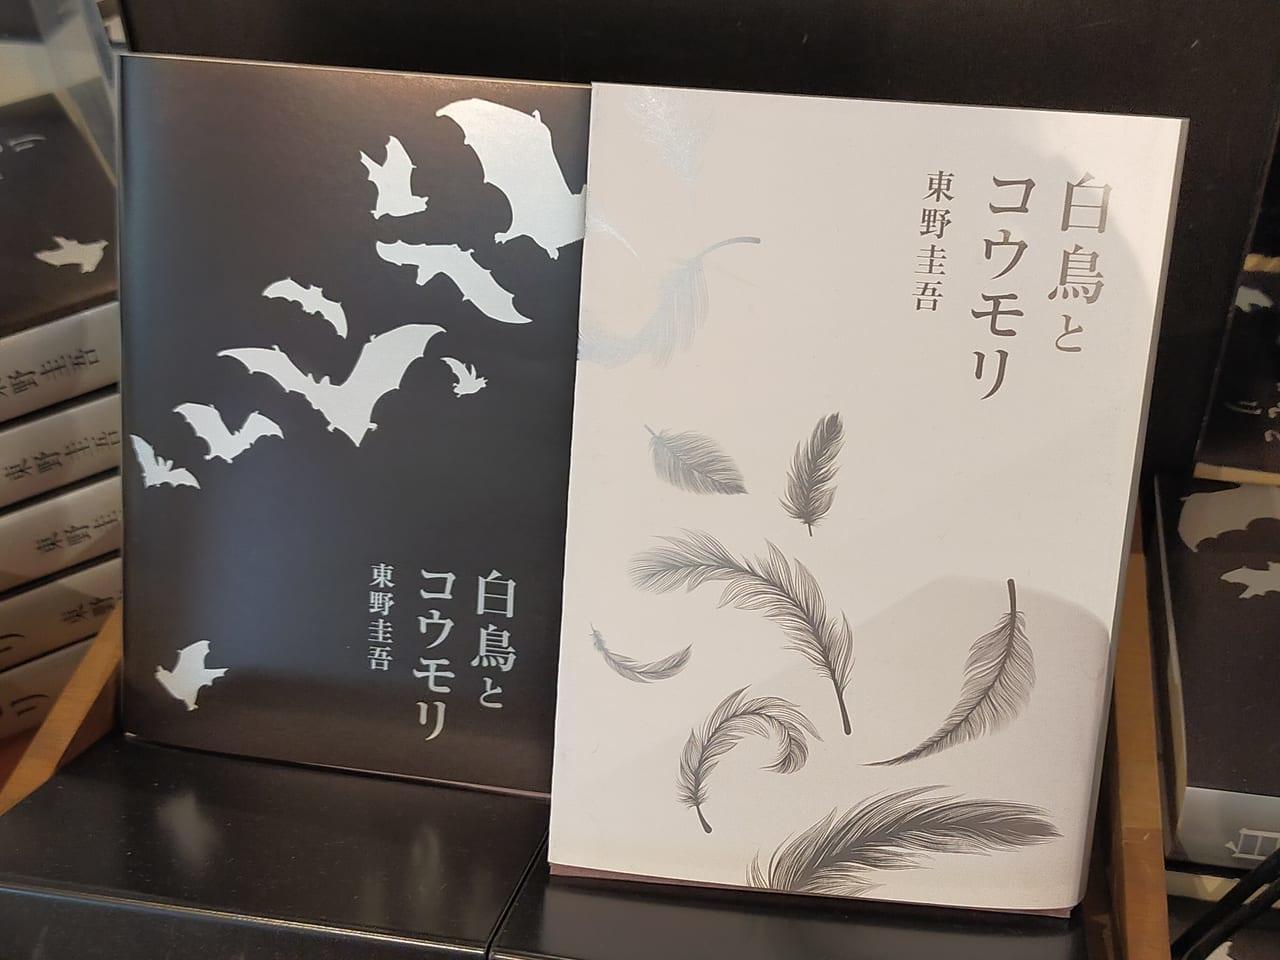 白鳥とコウモリ東野圭吾